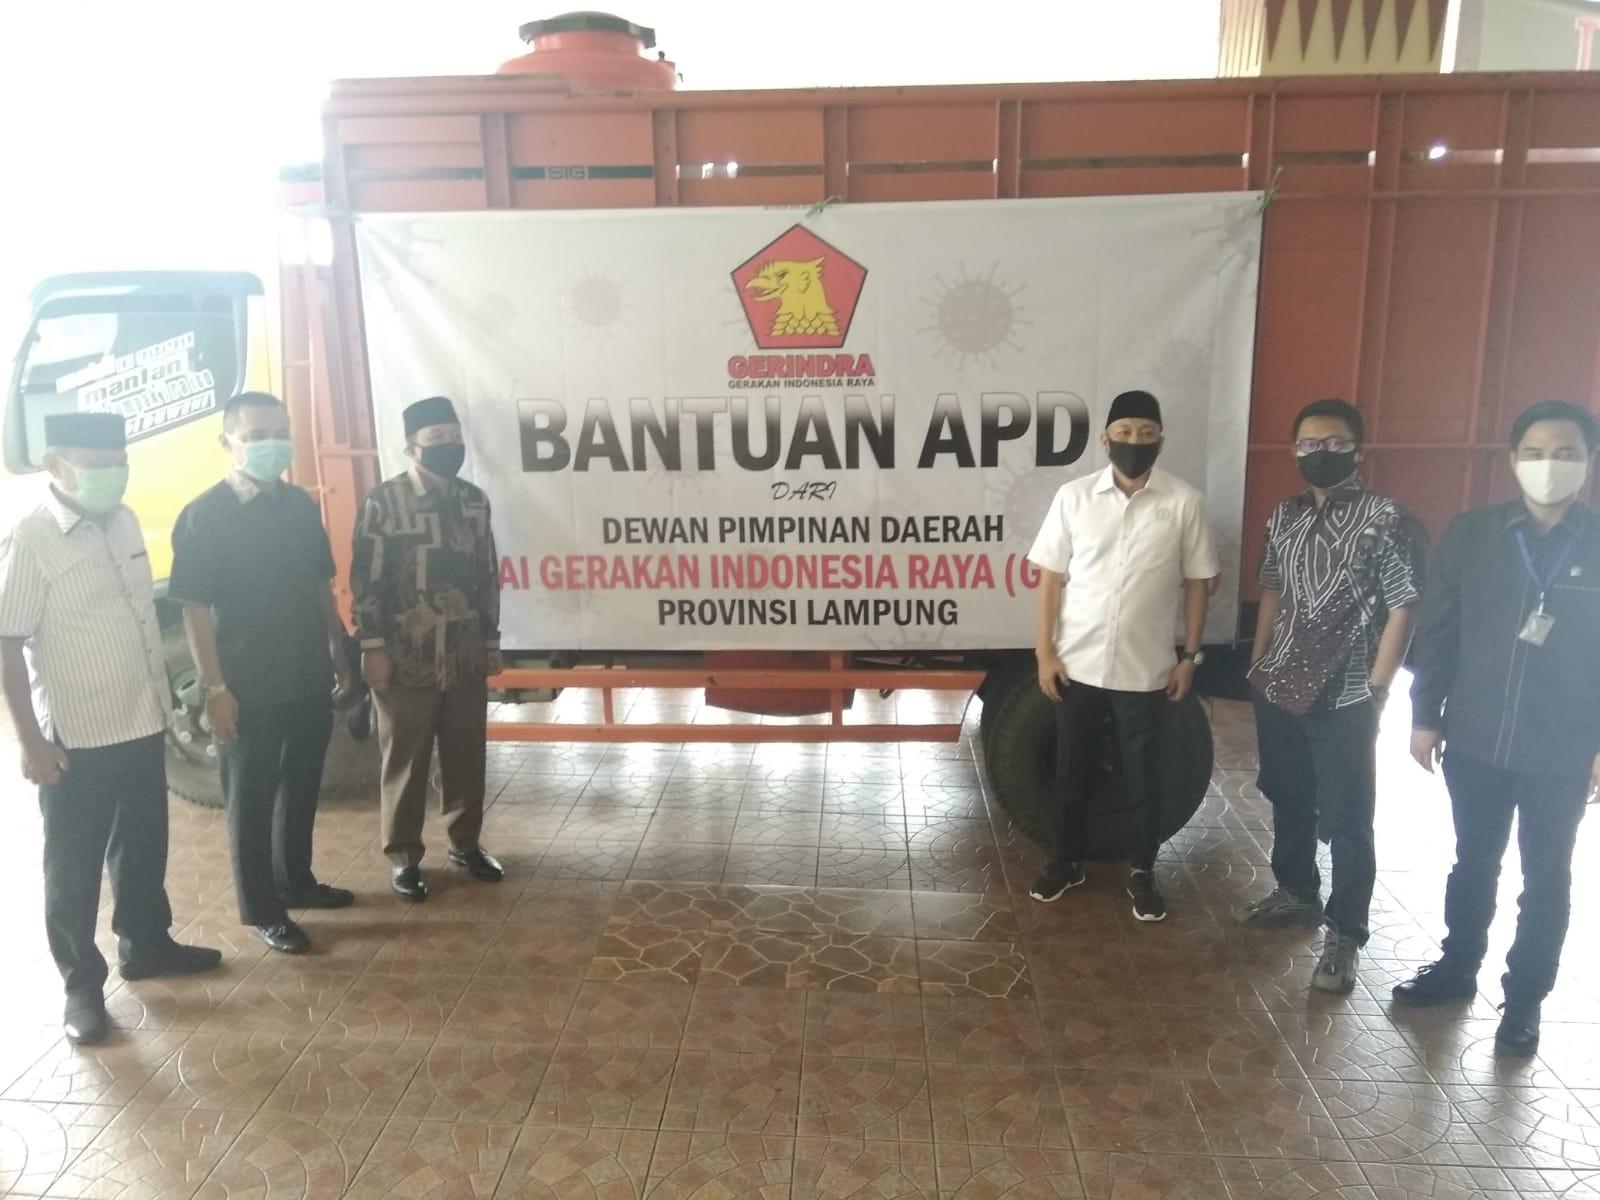 Bantu Pemprov Tangani Pandemi, Partai Gerindra Diapresiasi Gubernur Arinal